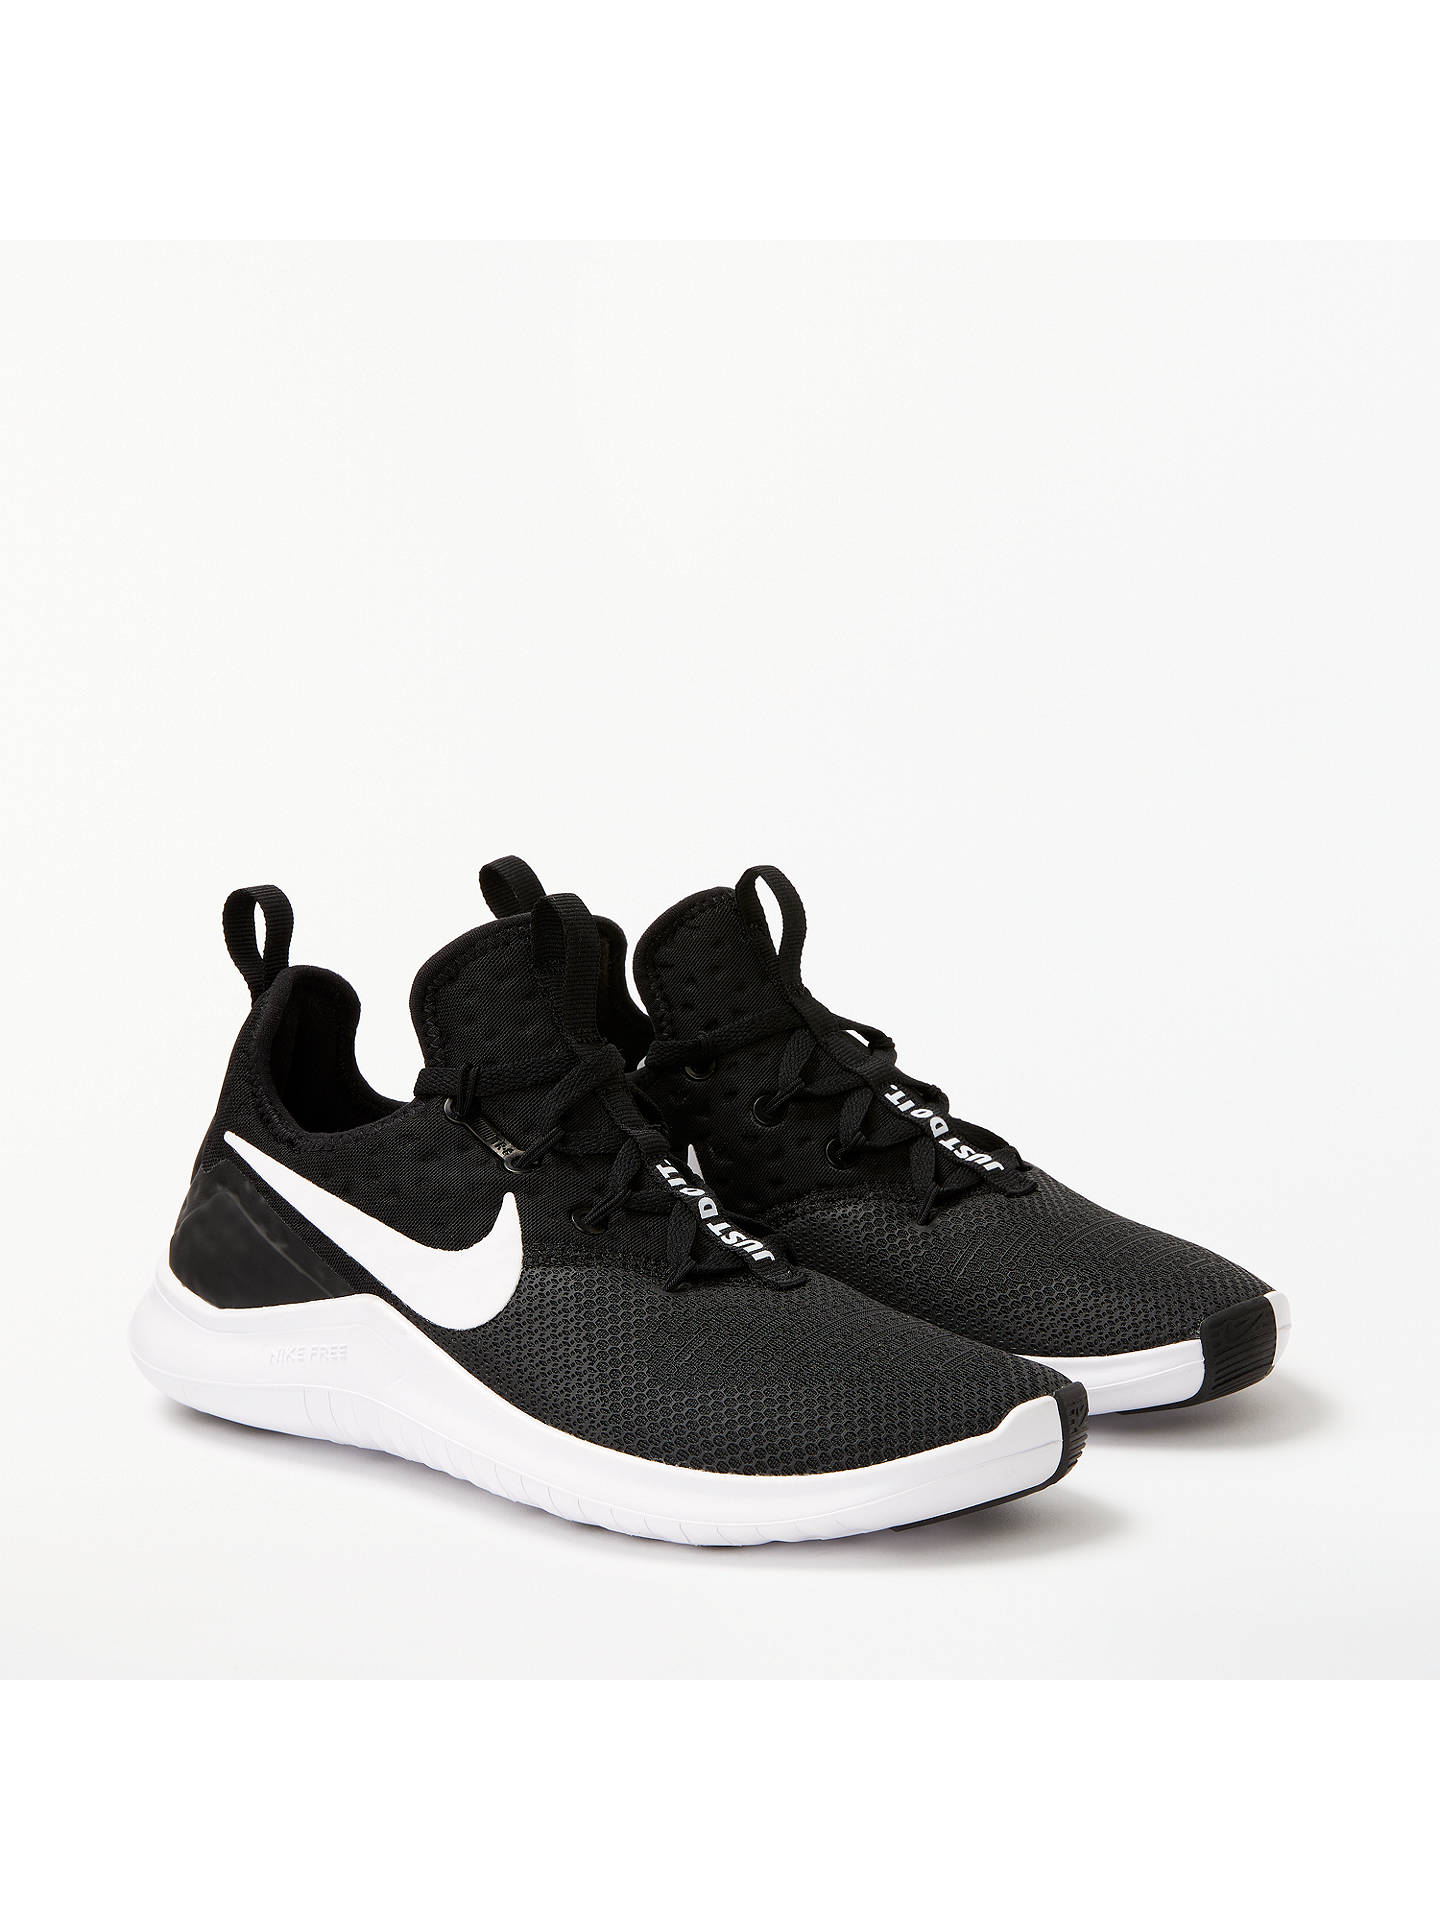 ... BuyNike Free TR 8 Women s Training Shoes b7ae1c820